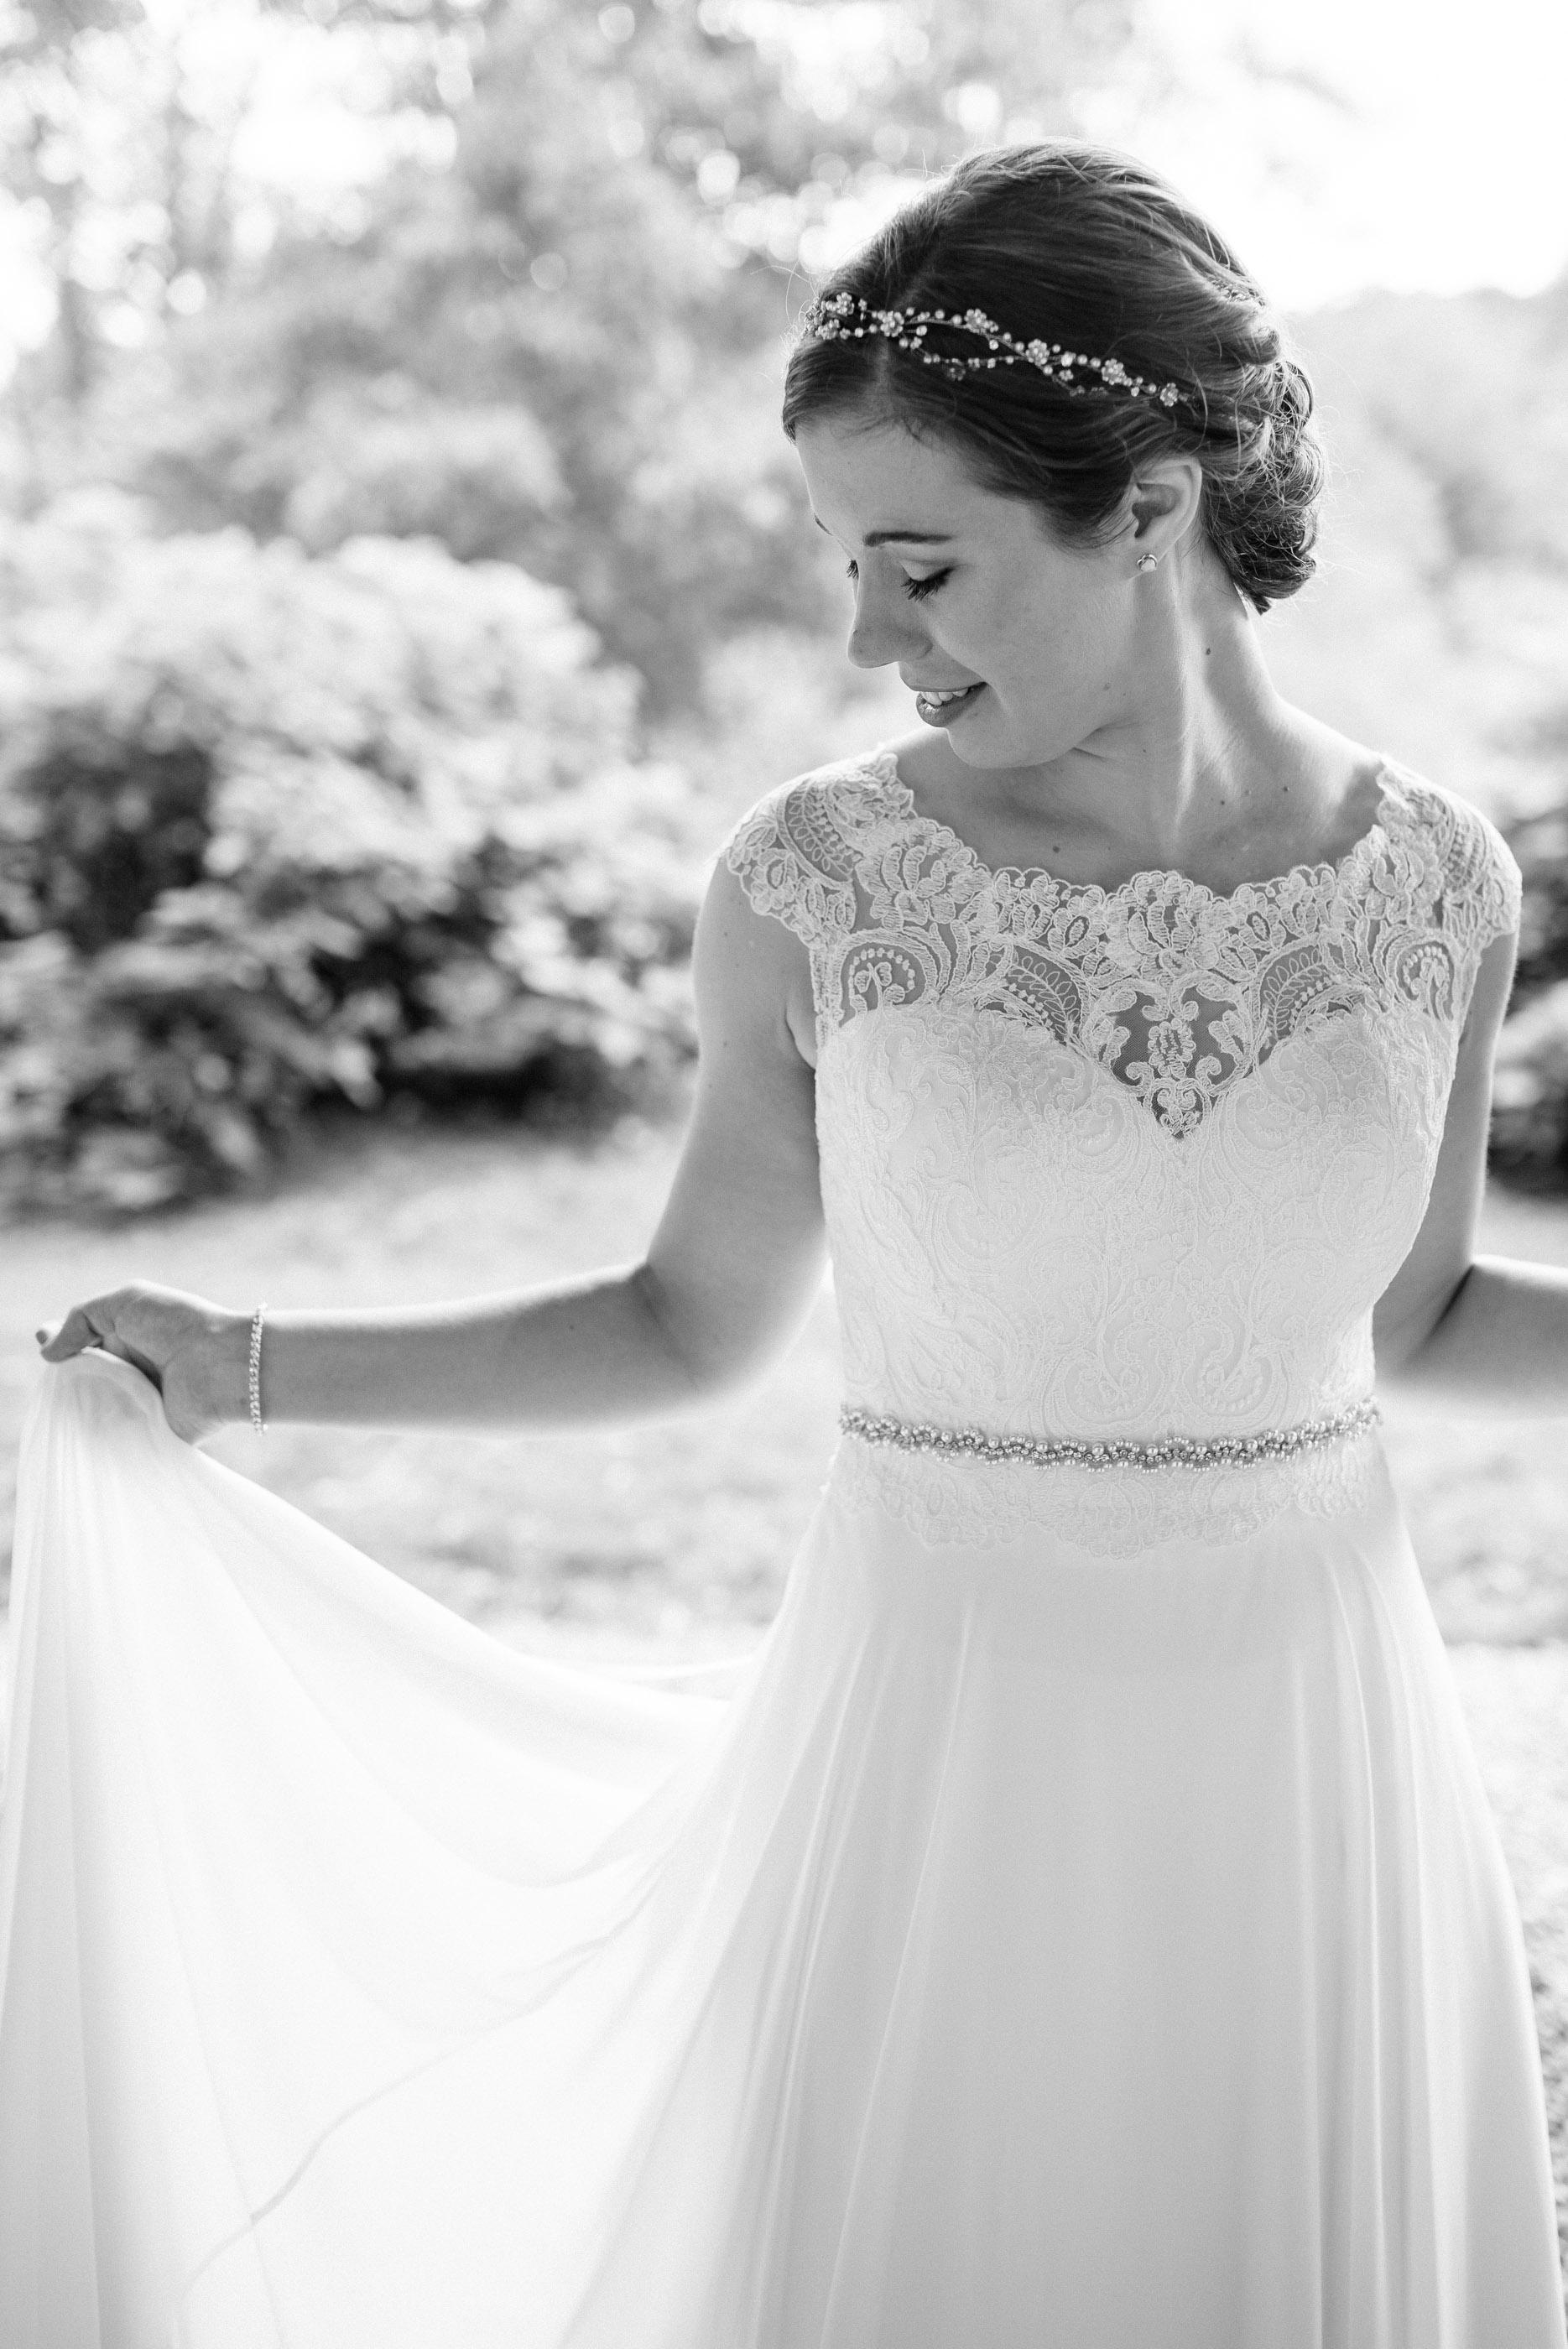 2018_09_15_paul_mary_wedding_asheville-j-6770.jpg